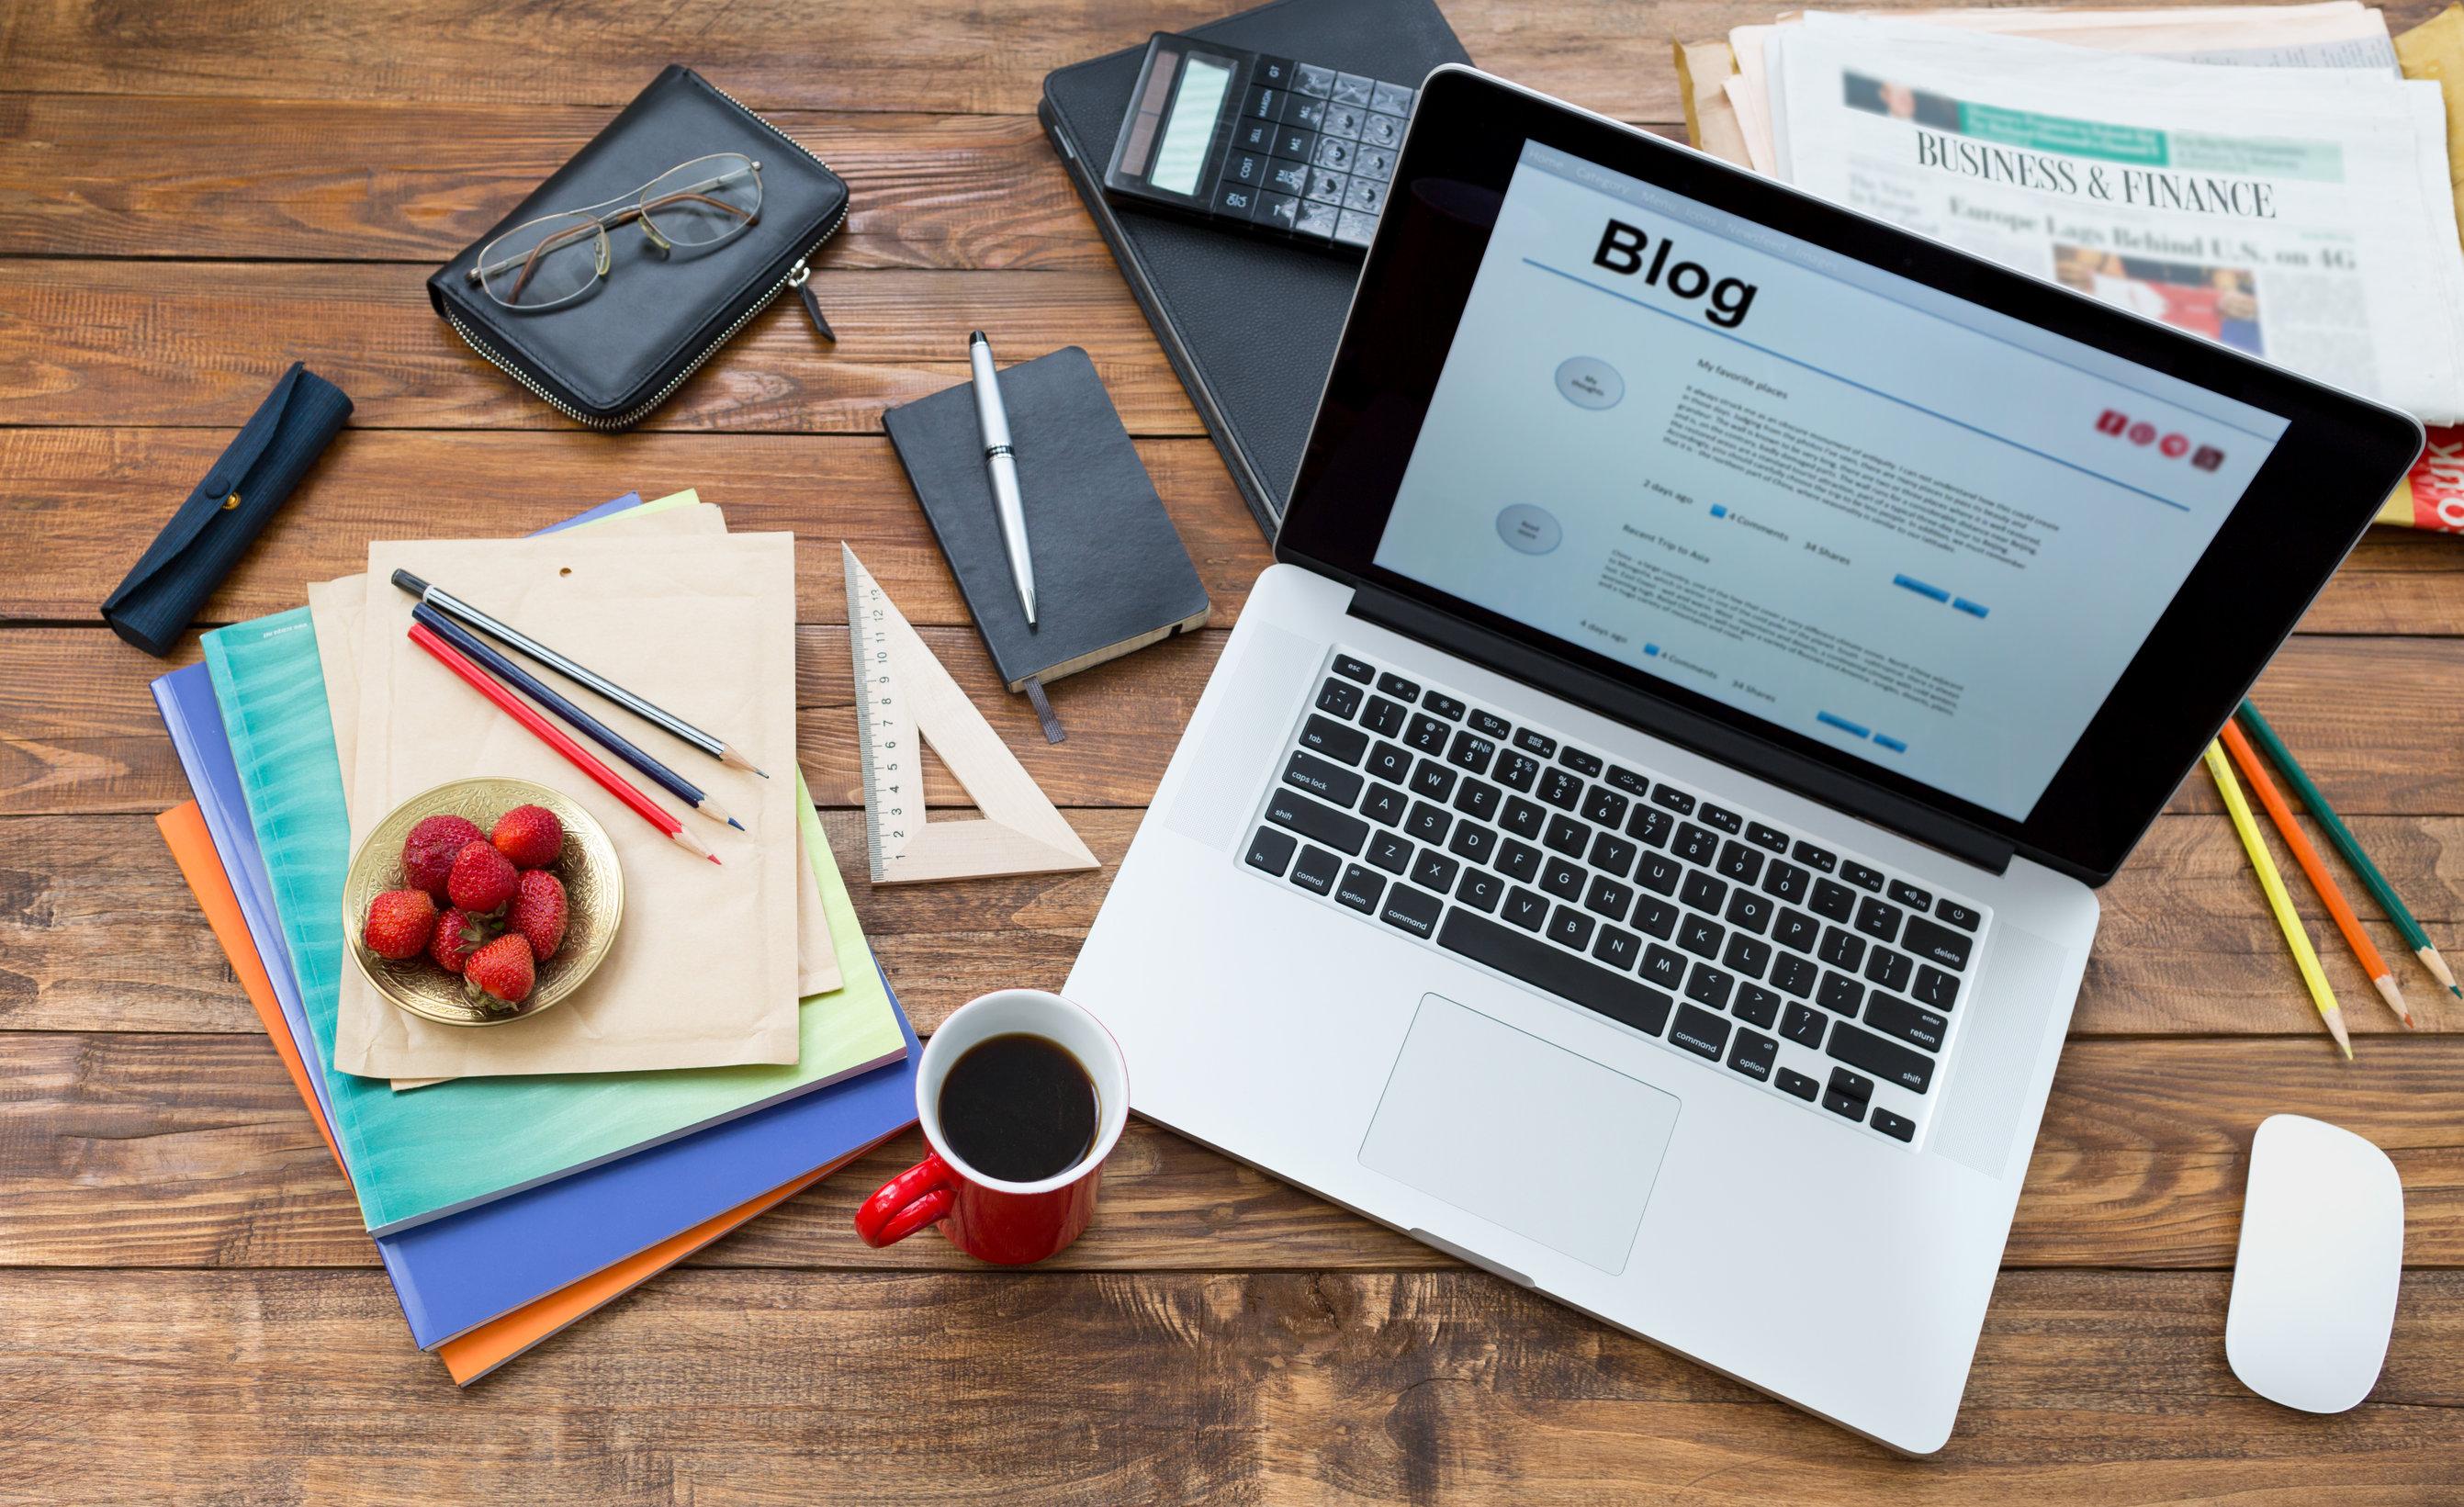 Blog Açmak İsteyenlere: 2018 Blog Rehberi